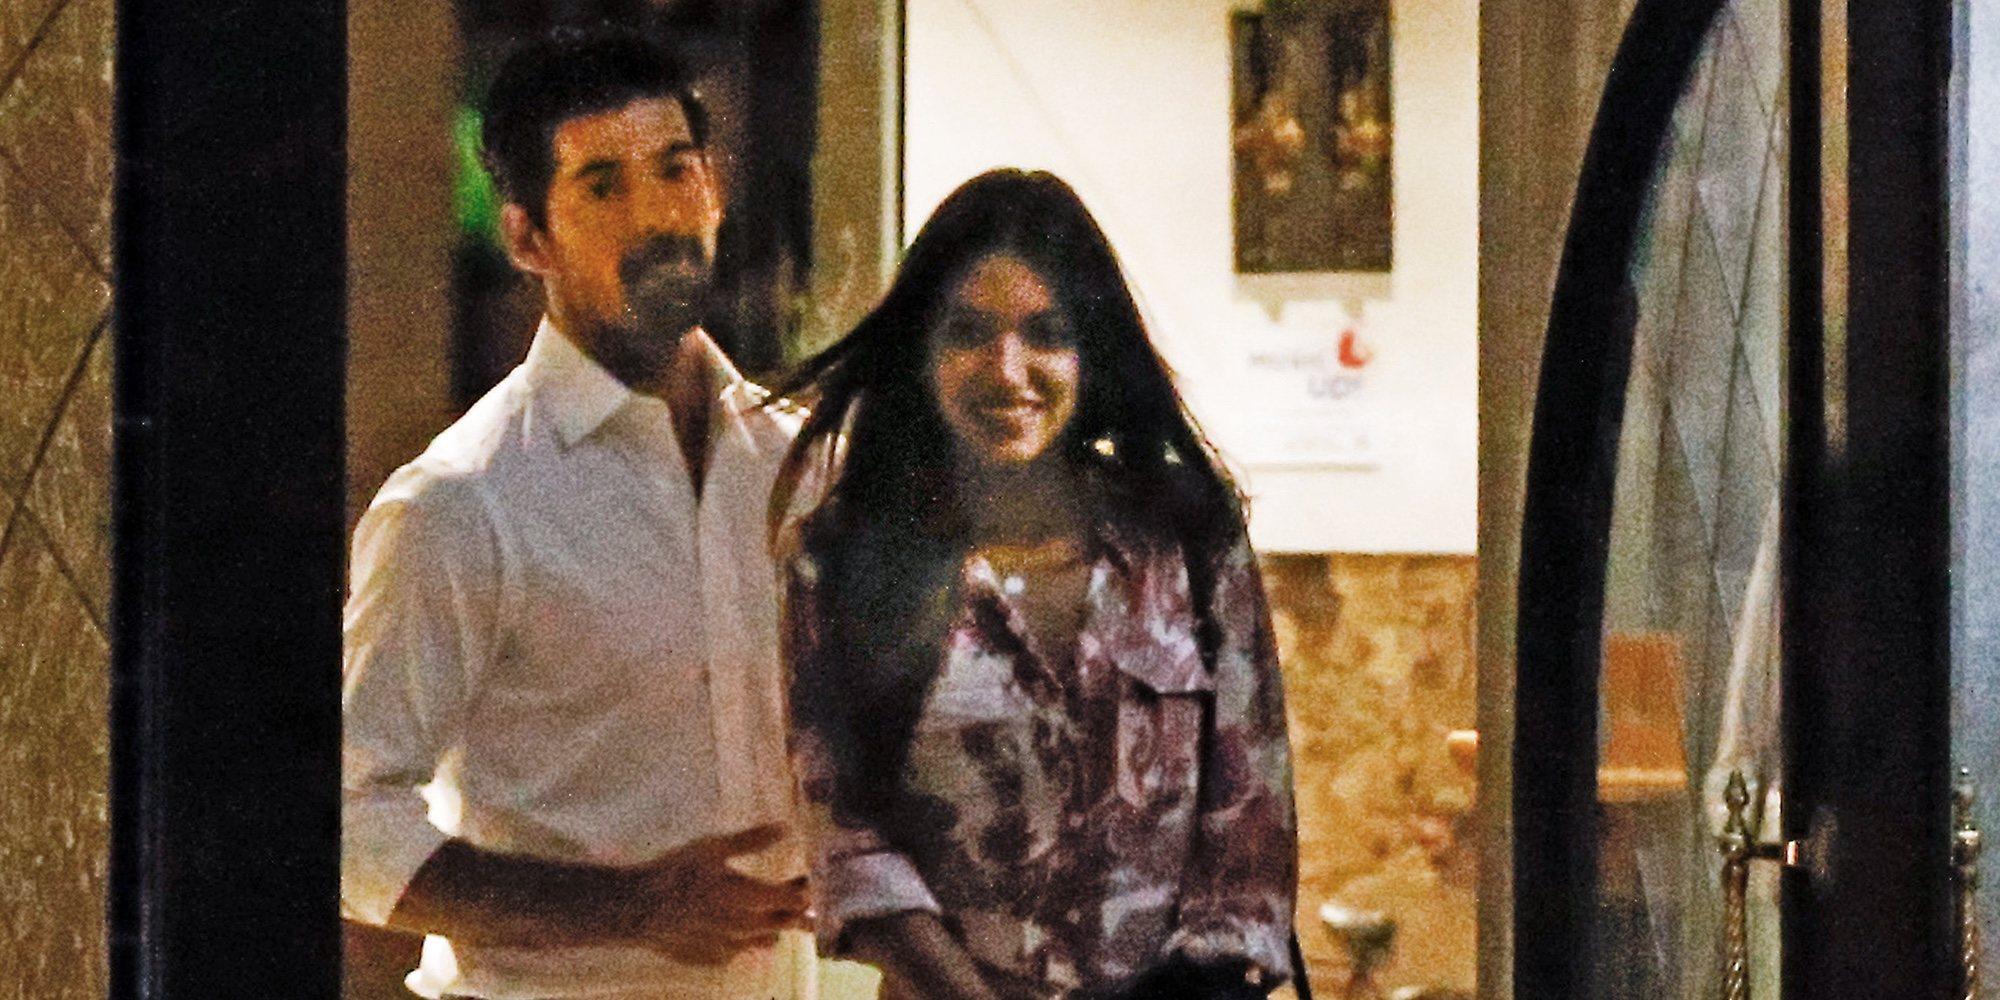 Ana Guerra y Miguel Ángel Muñoz se van de cena romántica confirmando así su relación